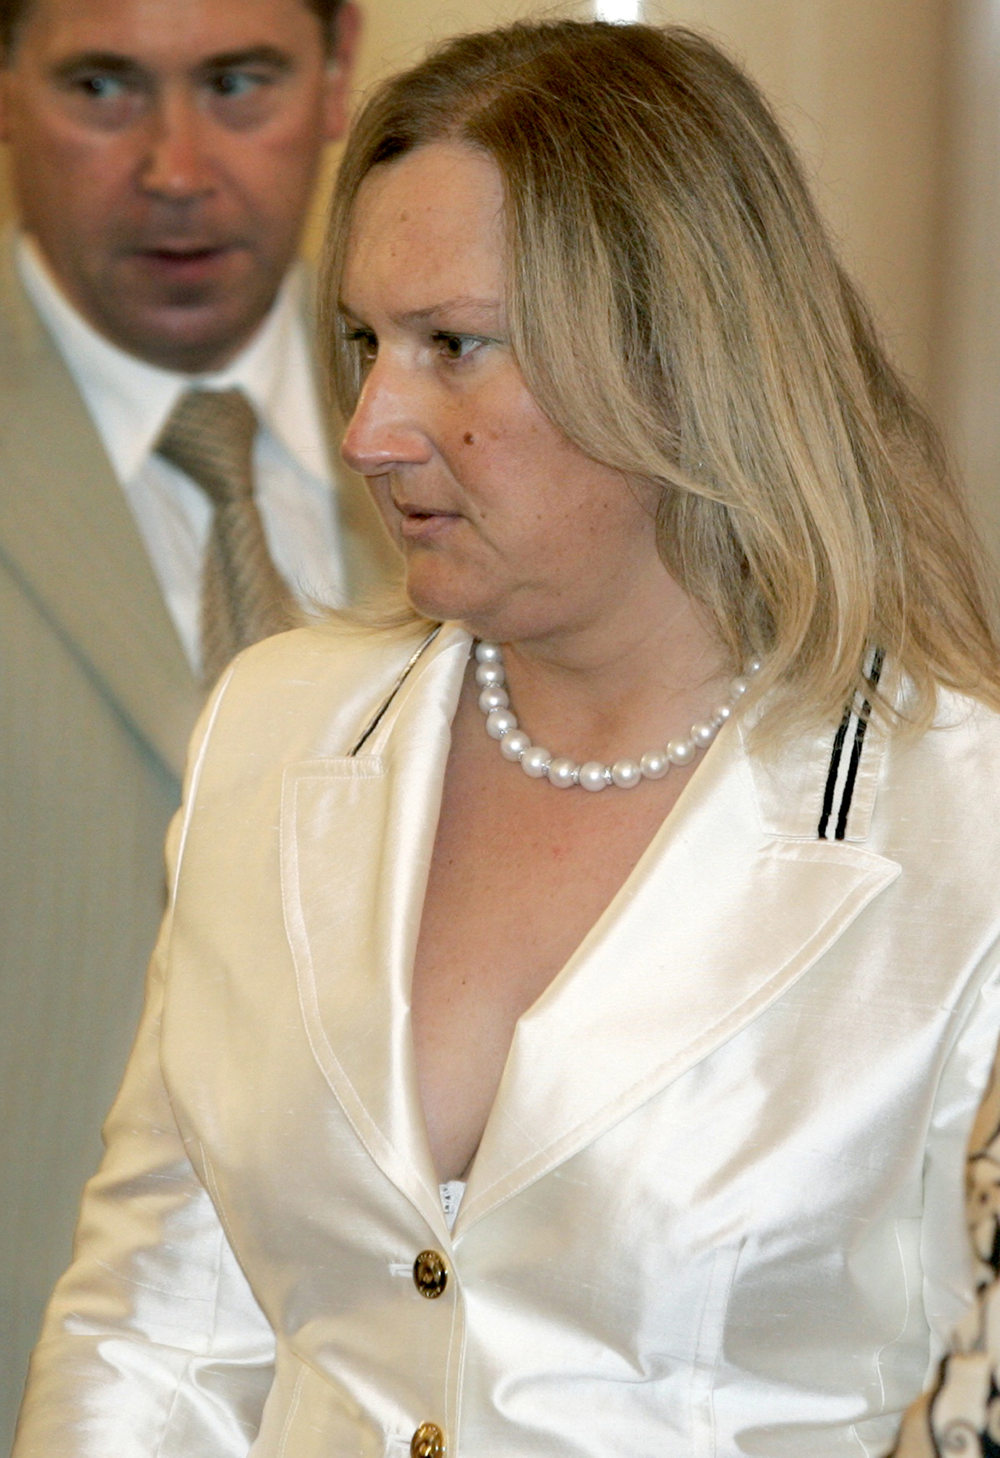 Η Ρωσίδα επιχειρηματίας Γιελένα Μπατουρίνα, μέχρι πρότινος η πλουσιότερη γυναίκα της Ρωσίας